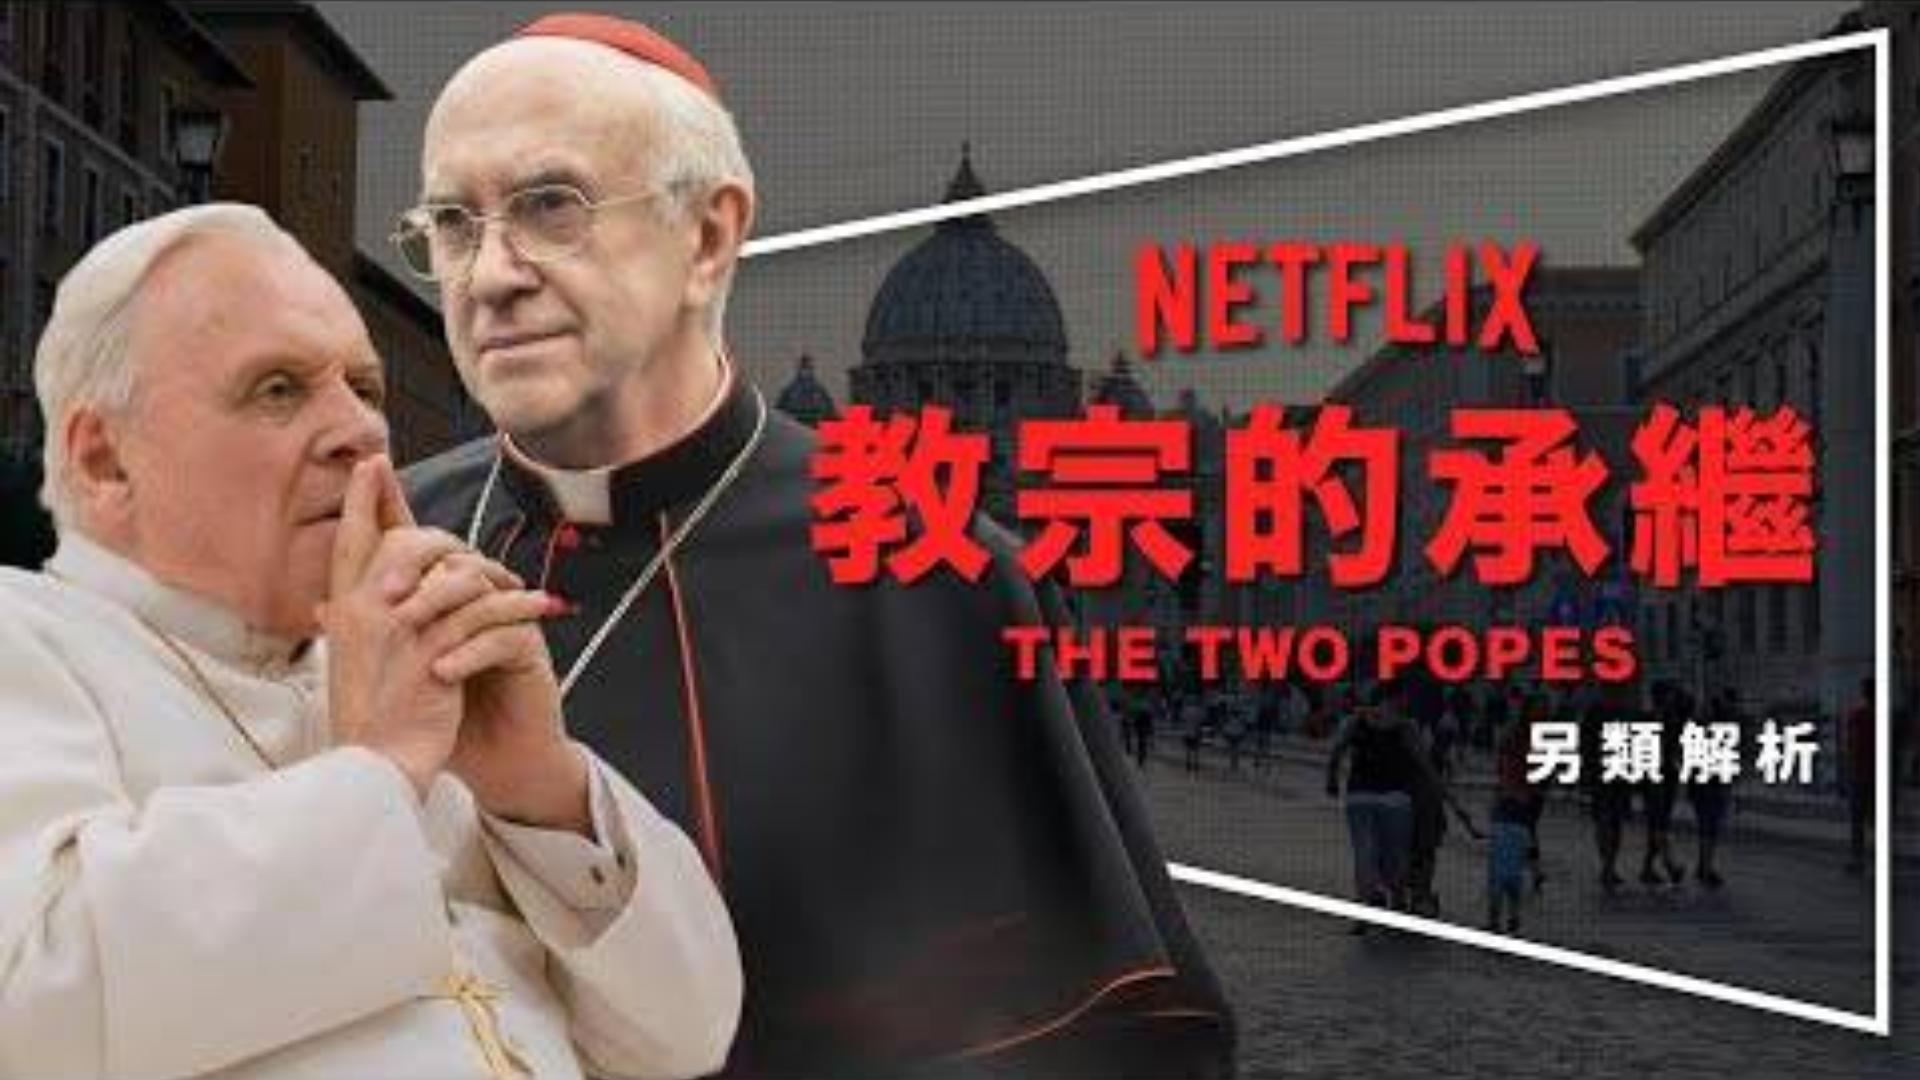 影评 教宗的承继:当选就做一辈子 两位教宗的6句箴言 深度解析